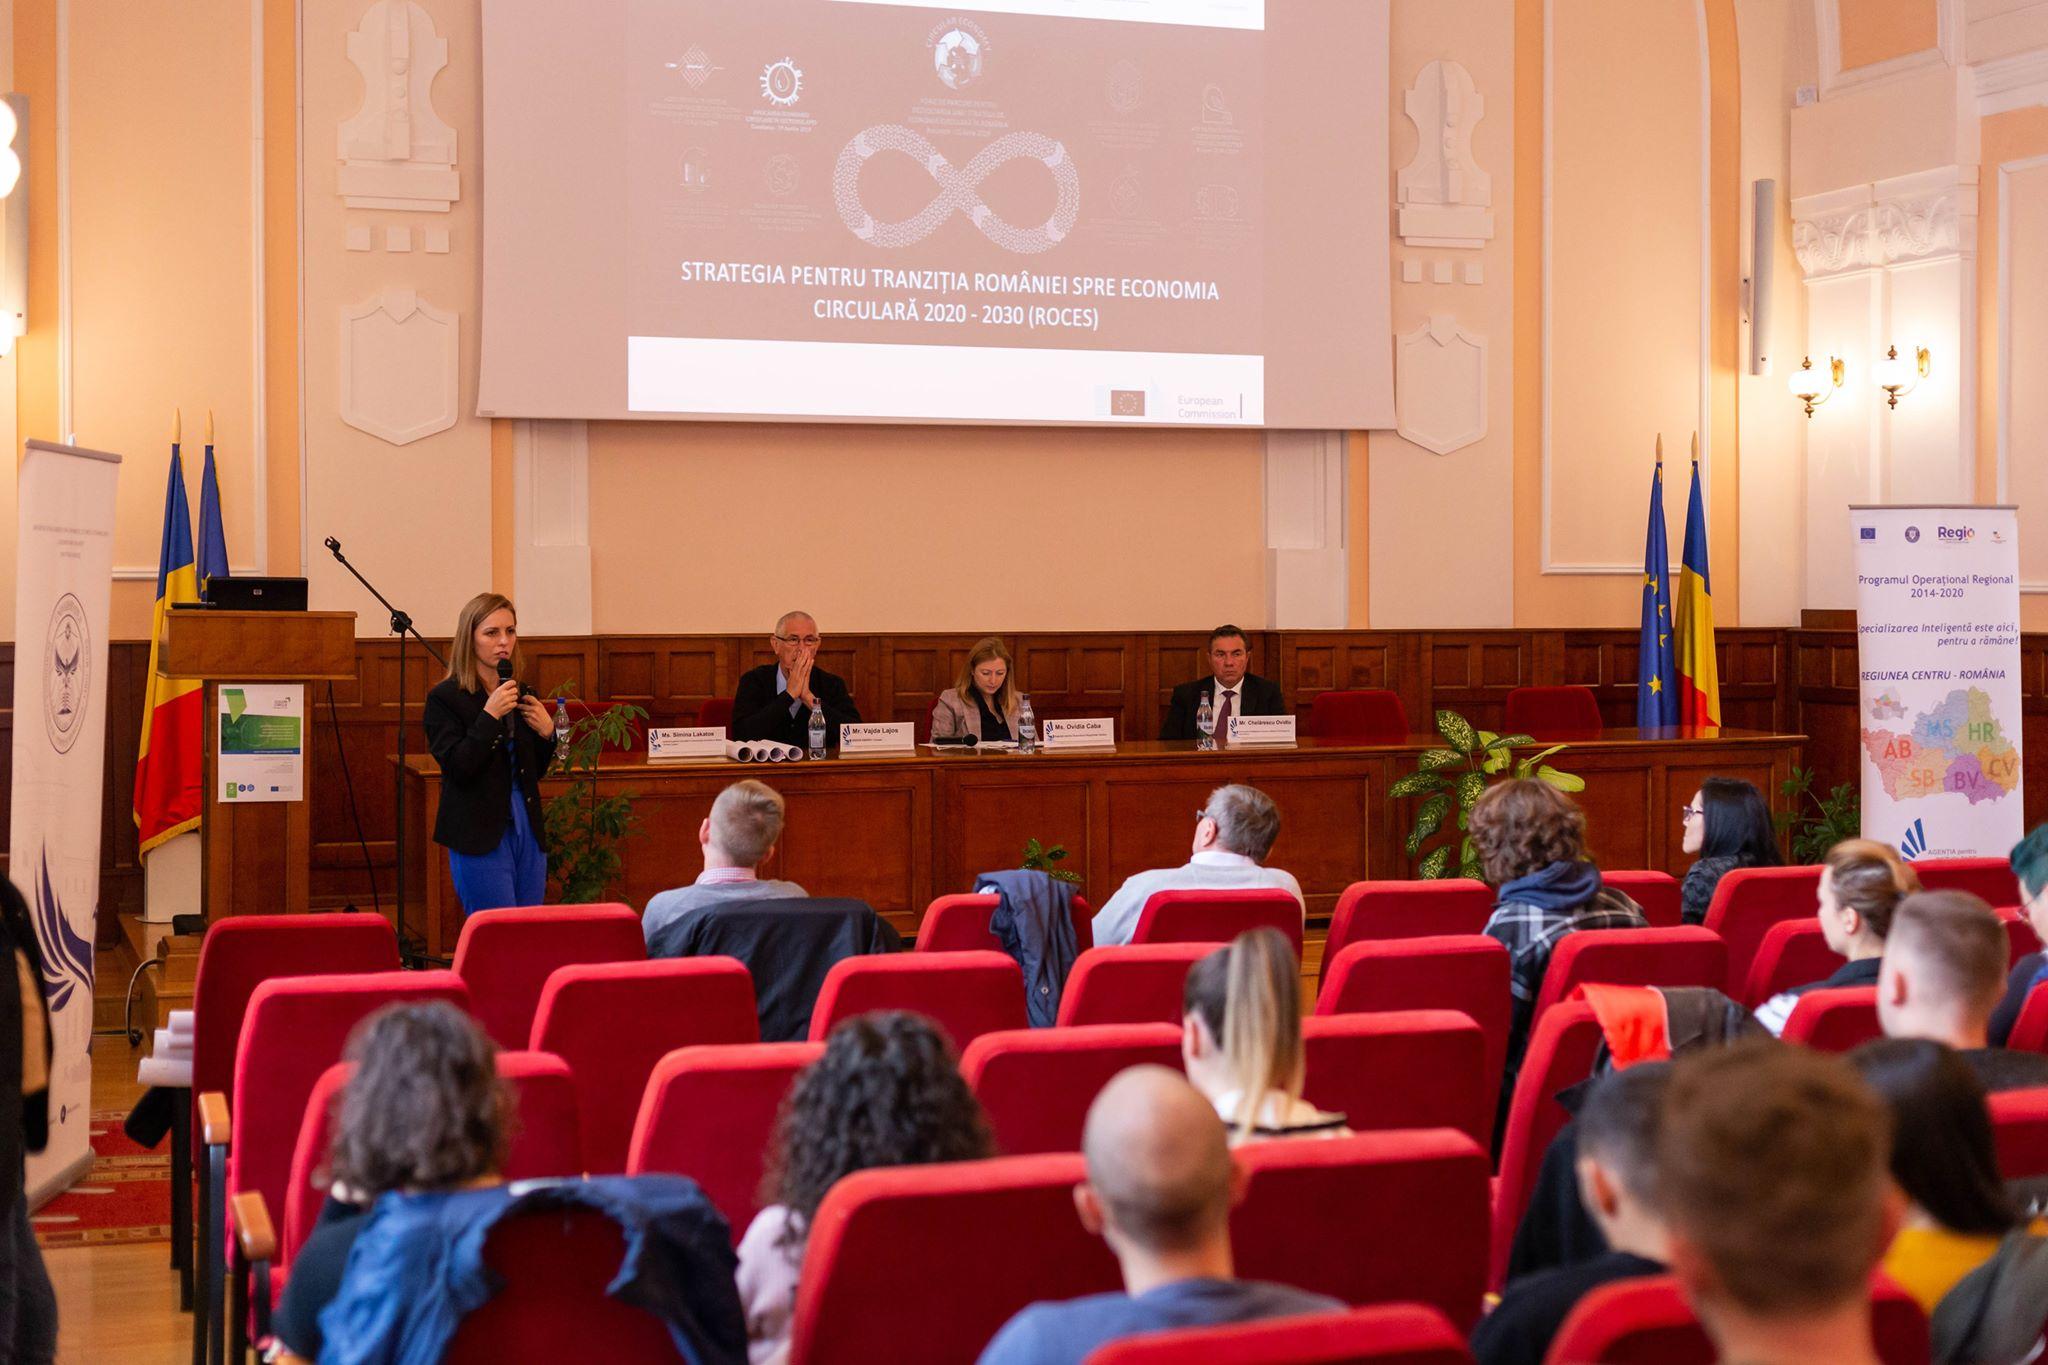 Dezbatere pe tema dezvoltării mediului, creșterea eficienței energetice, utilizarea surselor regenerabile de energie și schimbările climatice